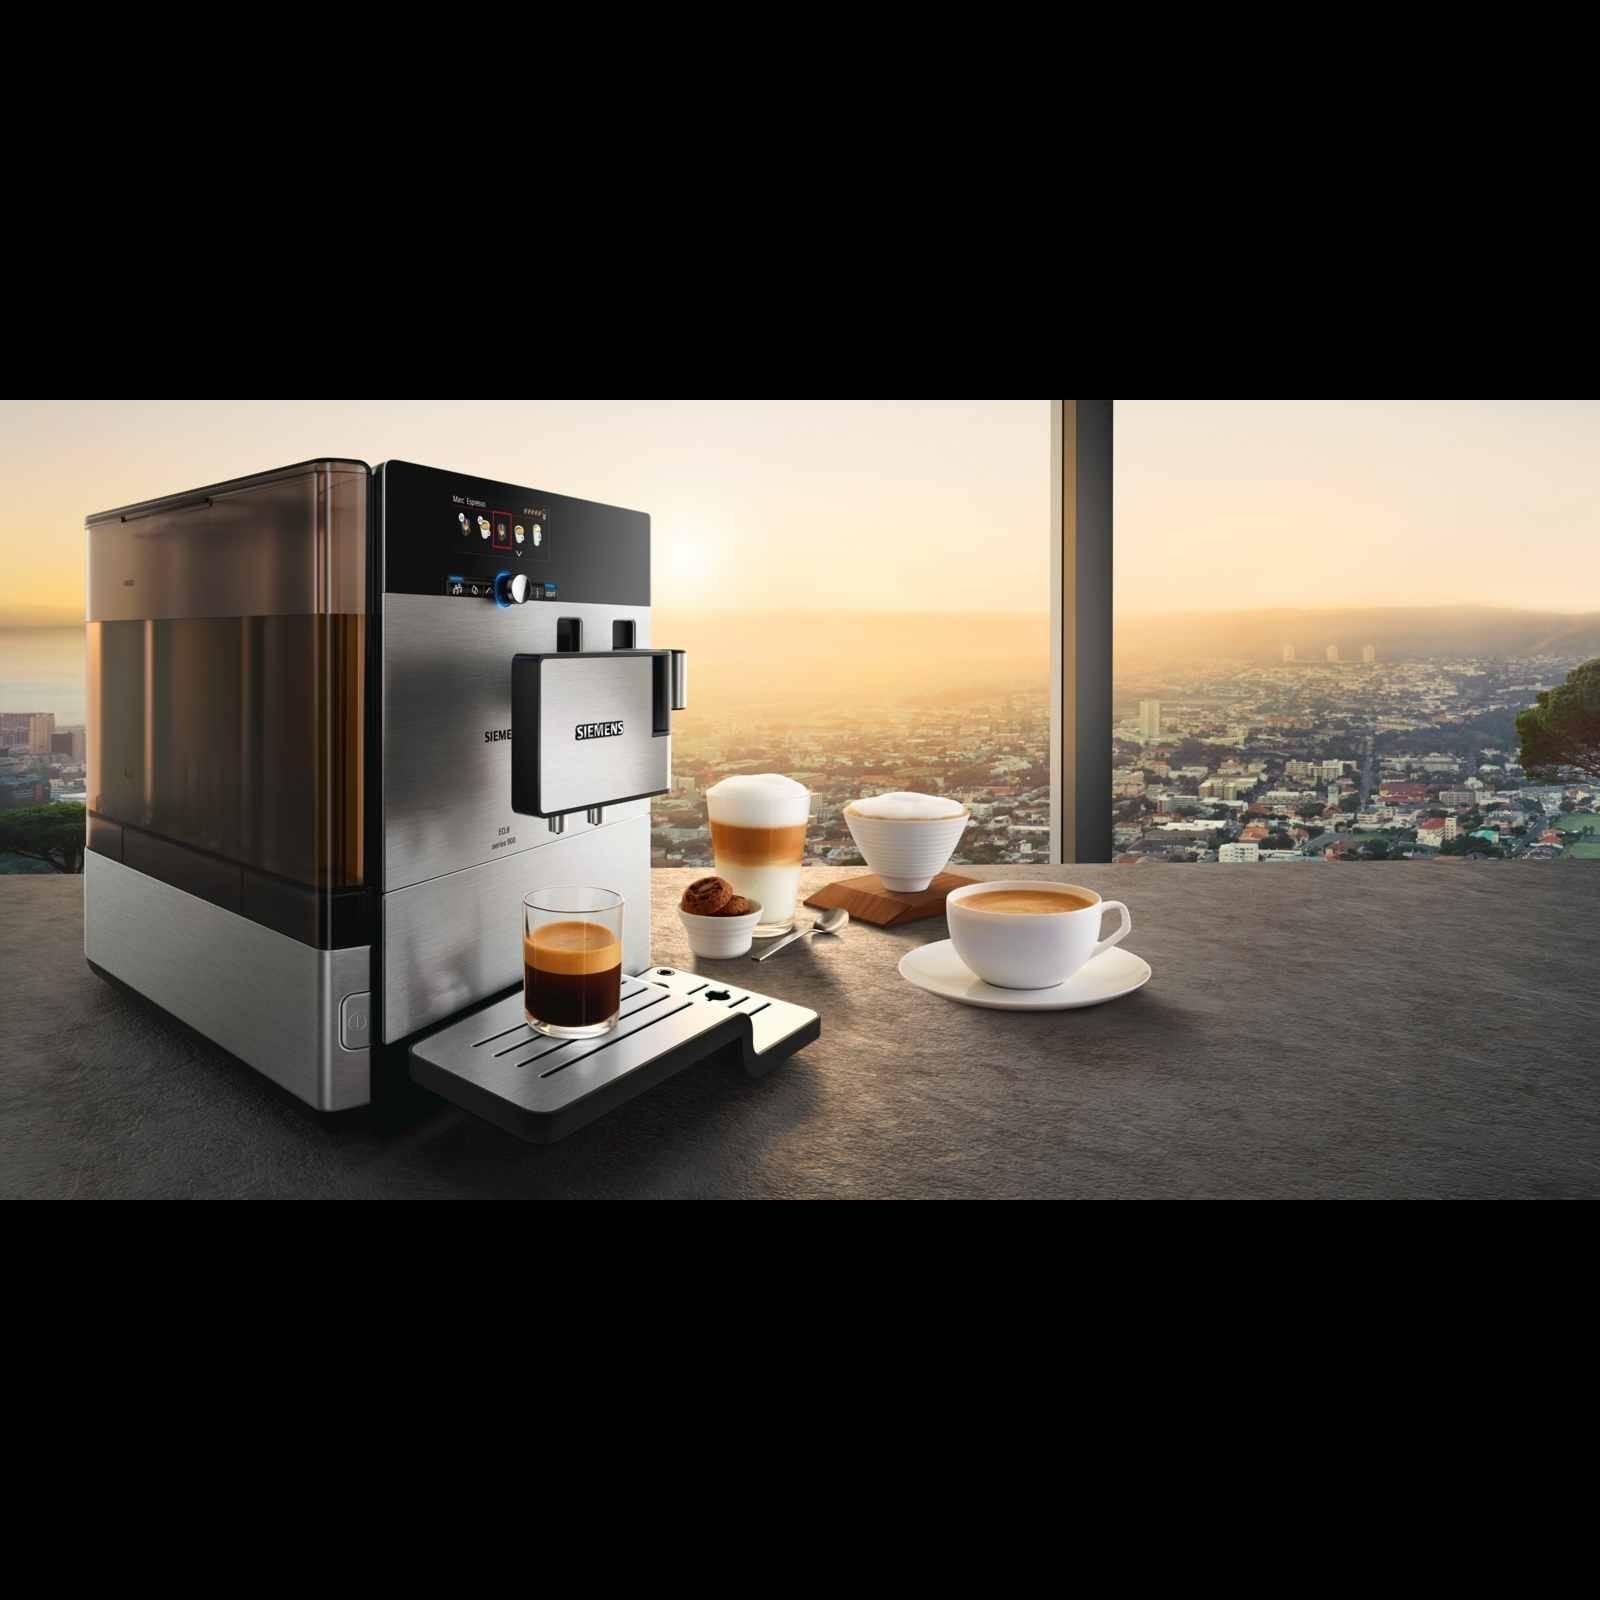 Рейтинг лучших зерновых кофемашин для дома 2021 года